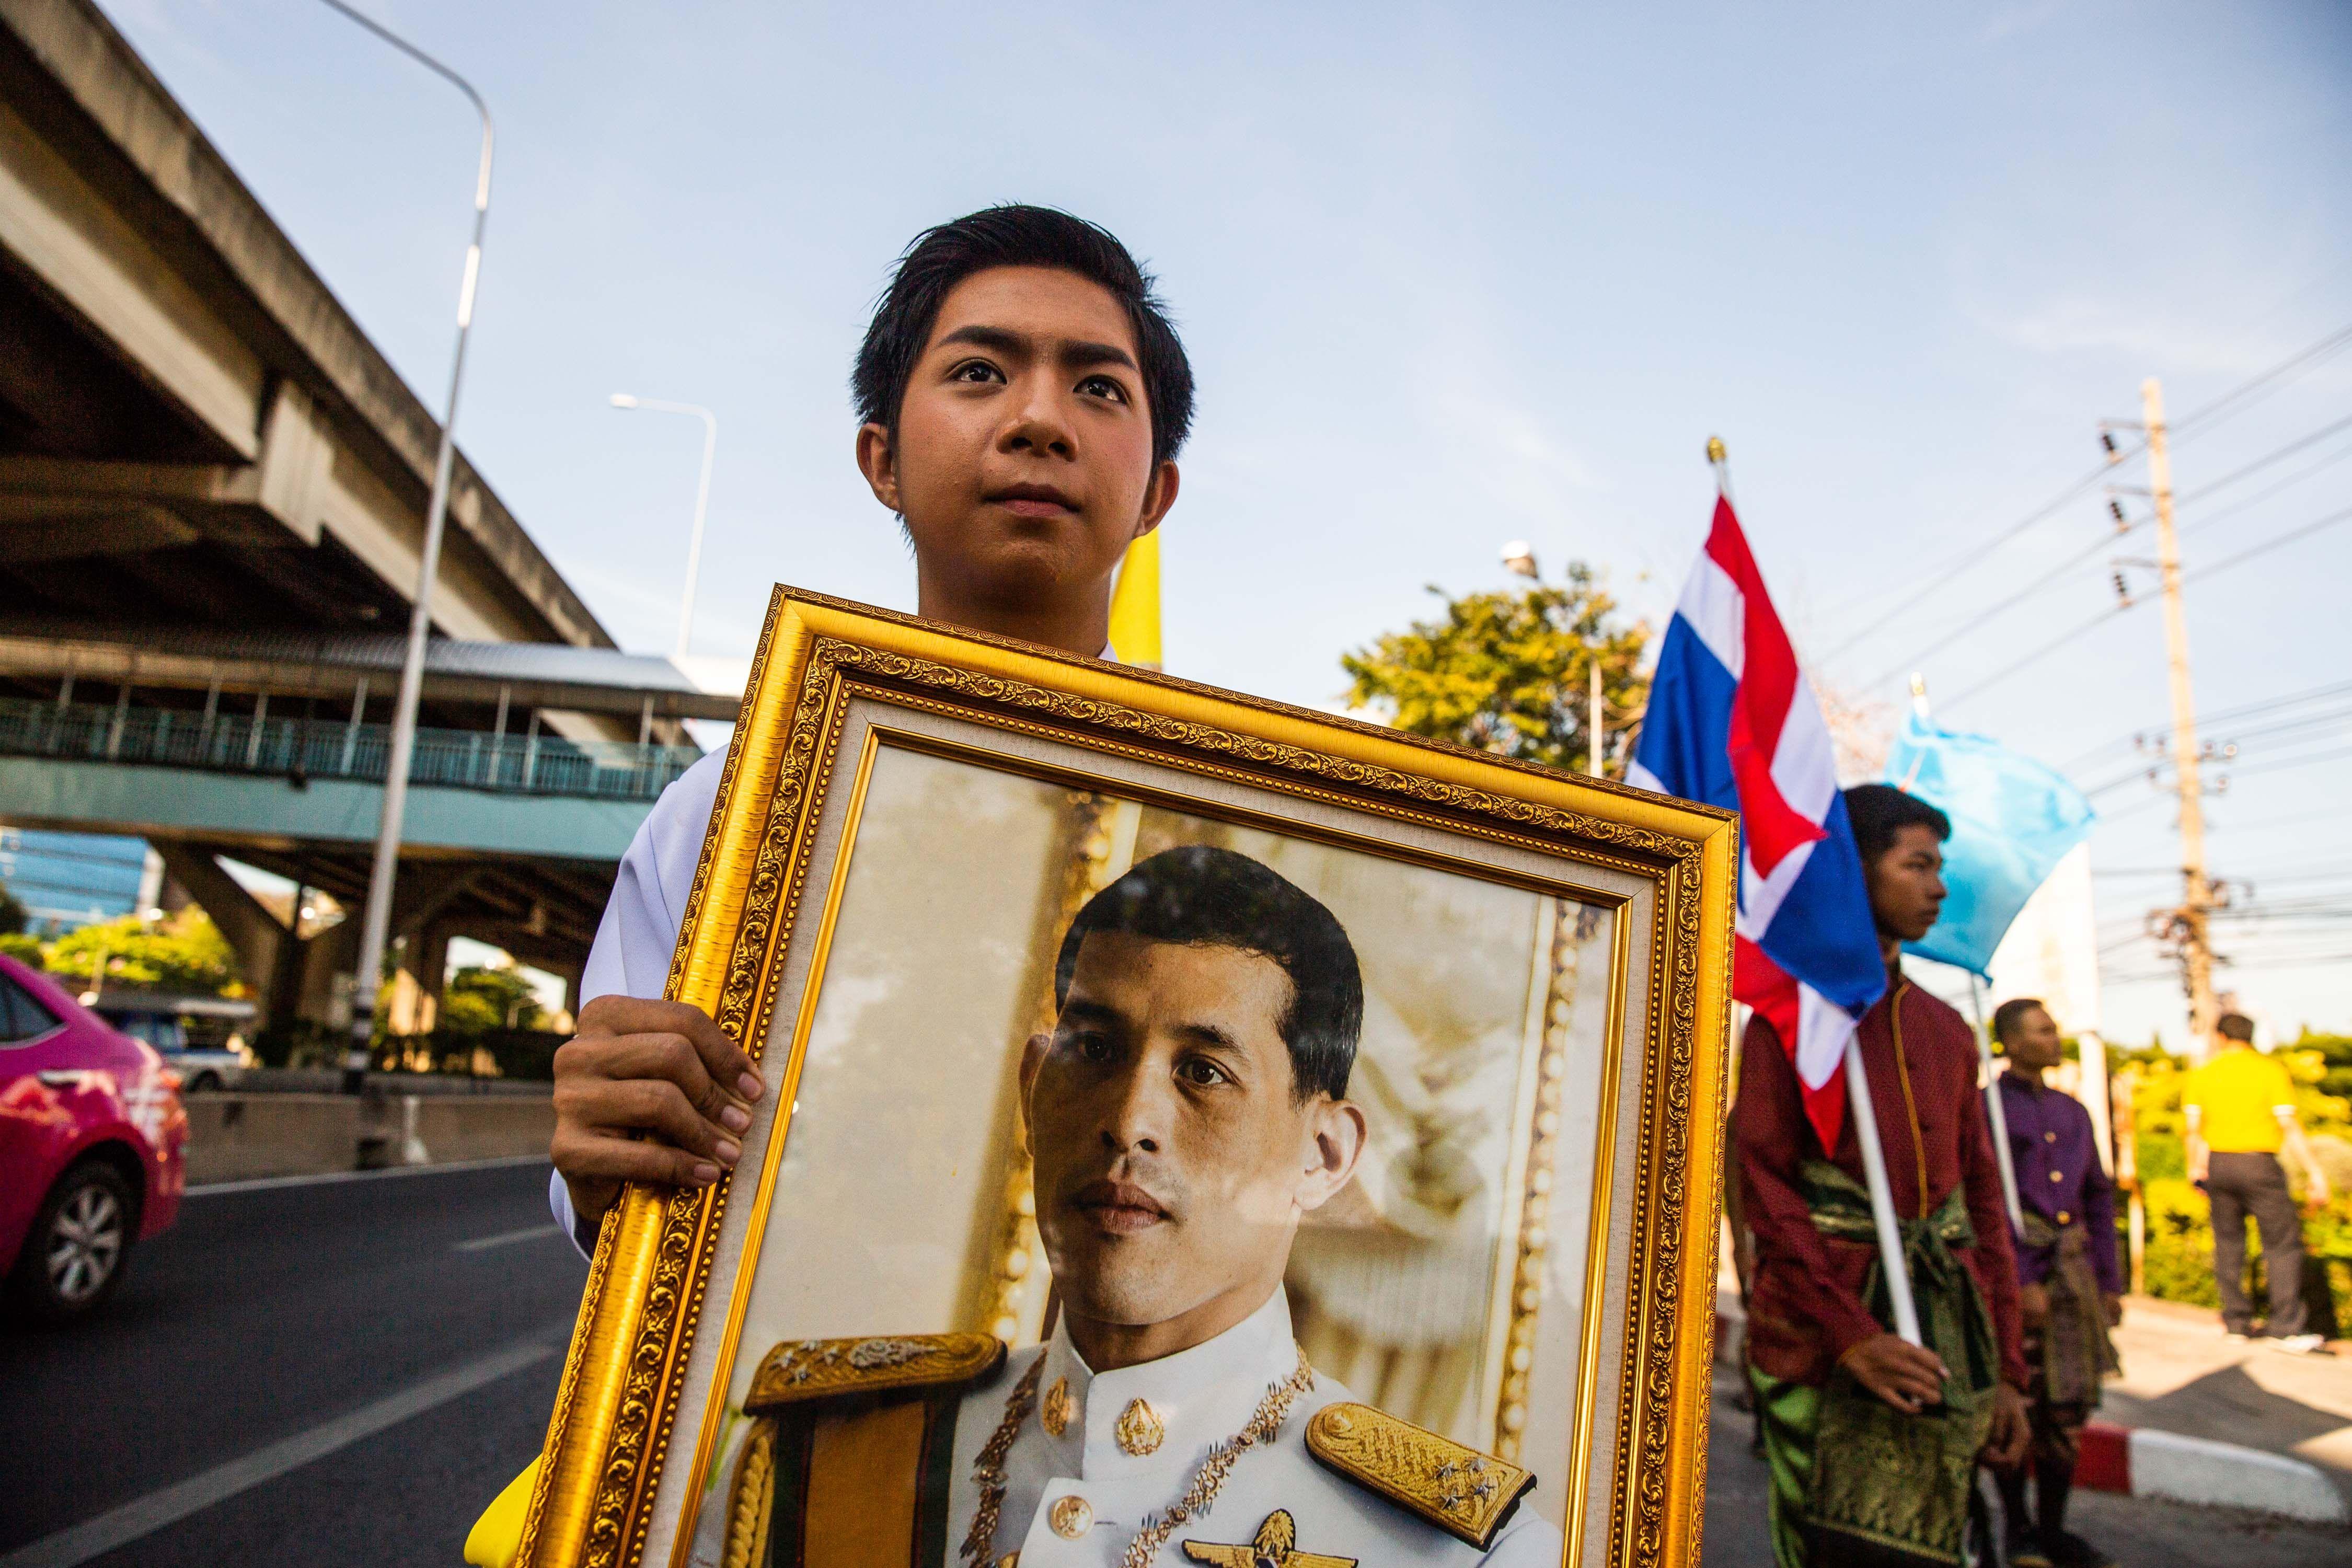 王妃 タイ 国王 タイ国王 王妃と別の配偶者を刑務所から釈放